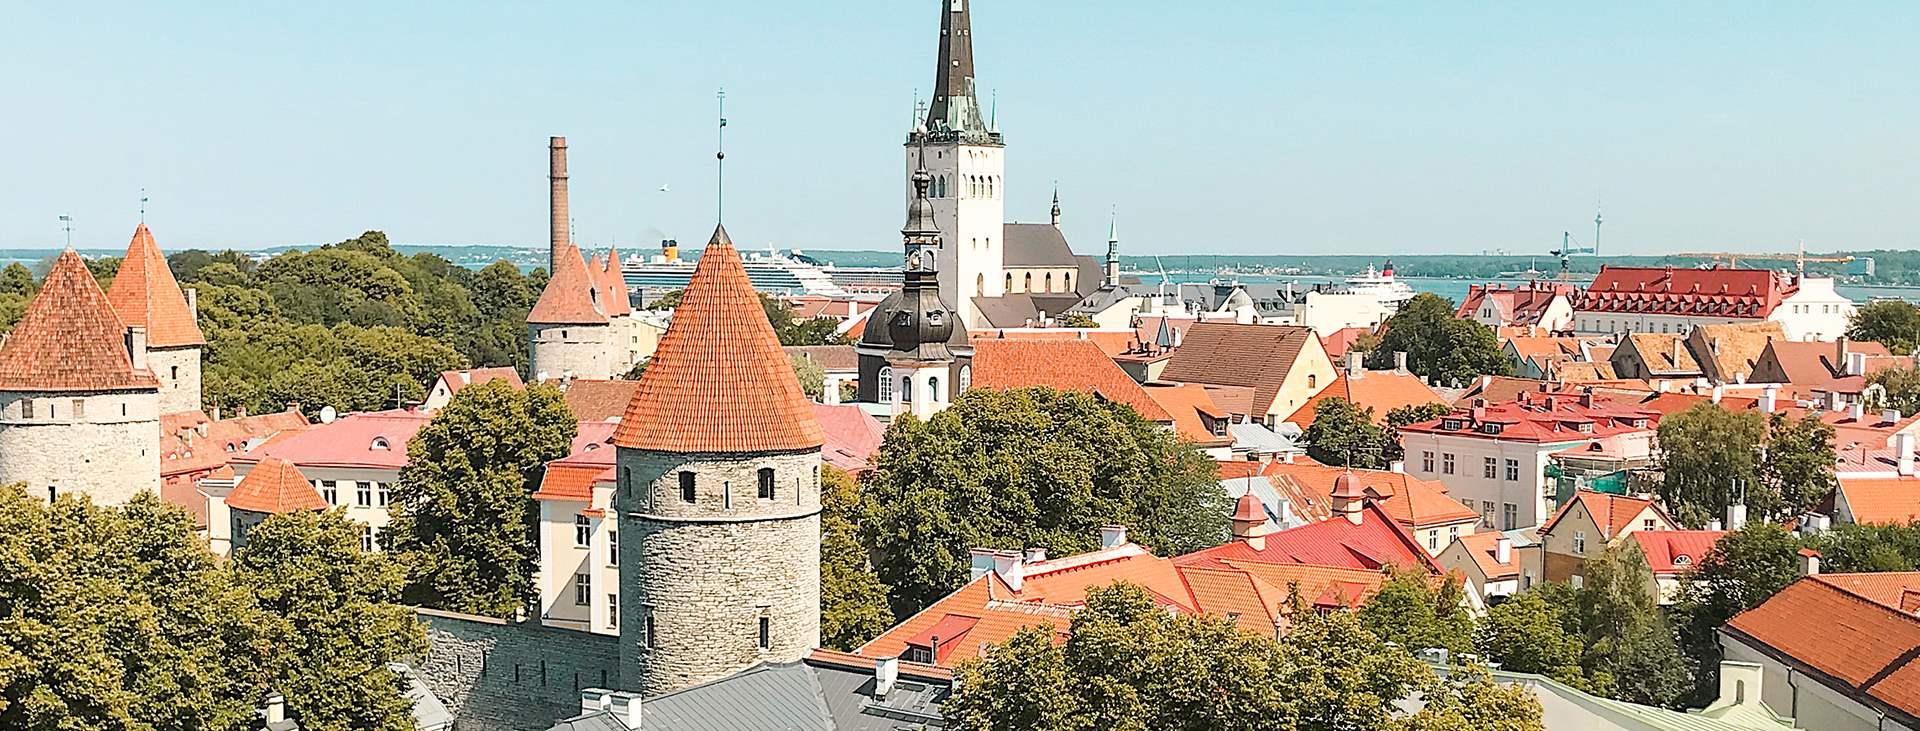 Bestill en reise til Tallinn med Ving